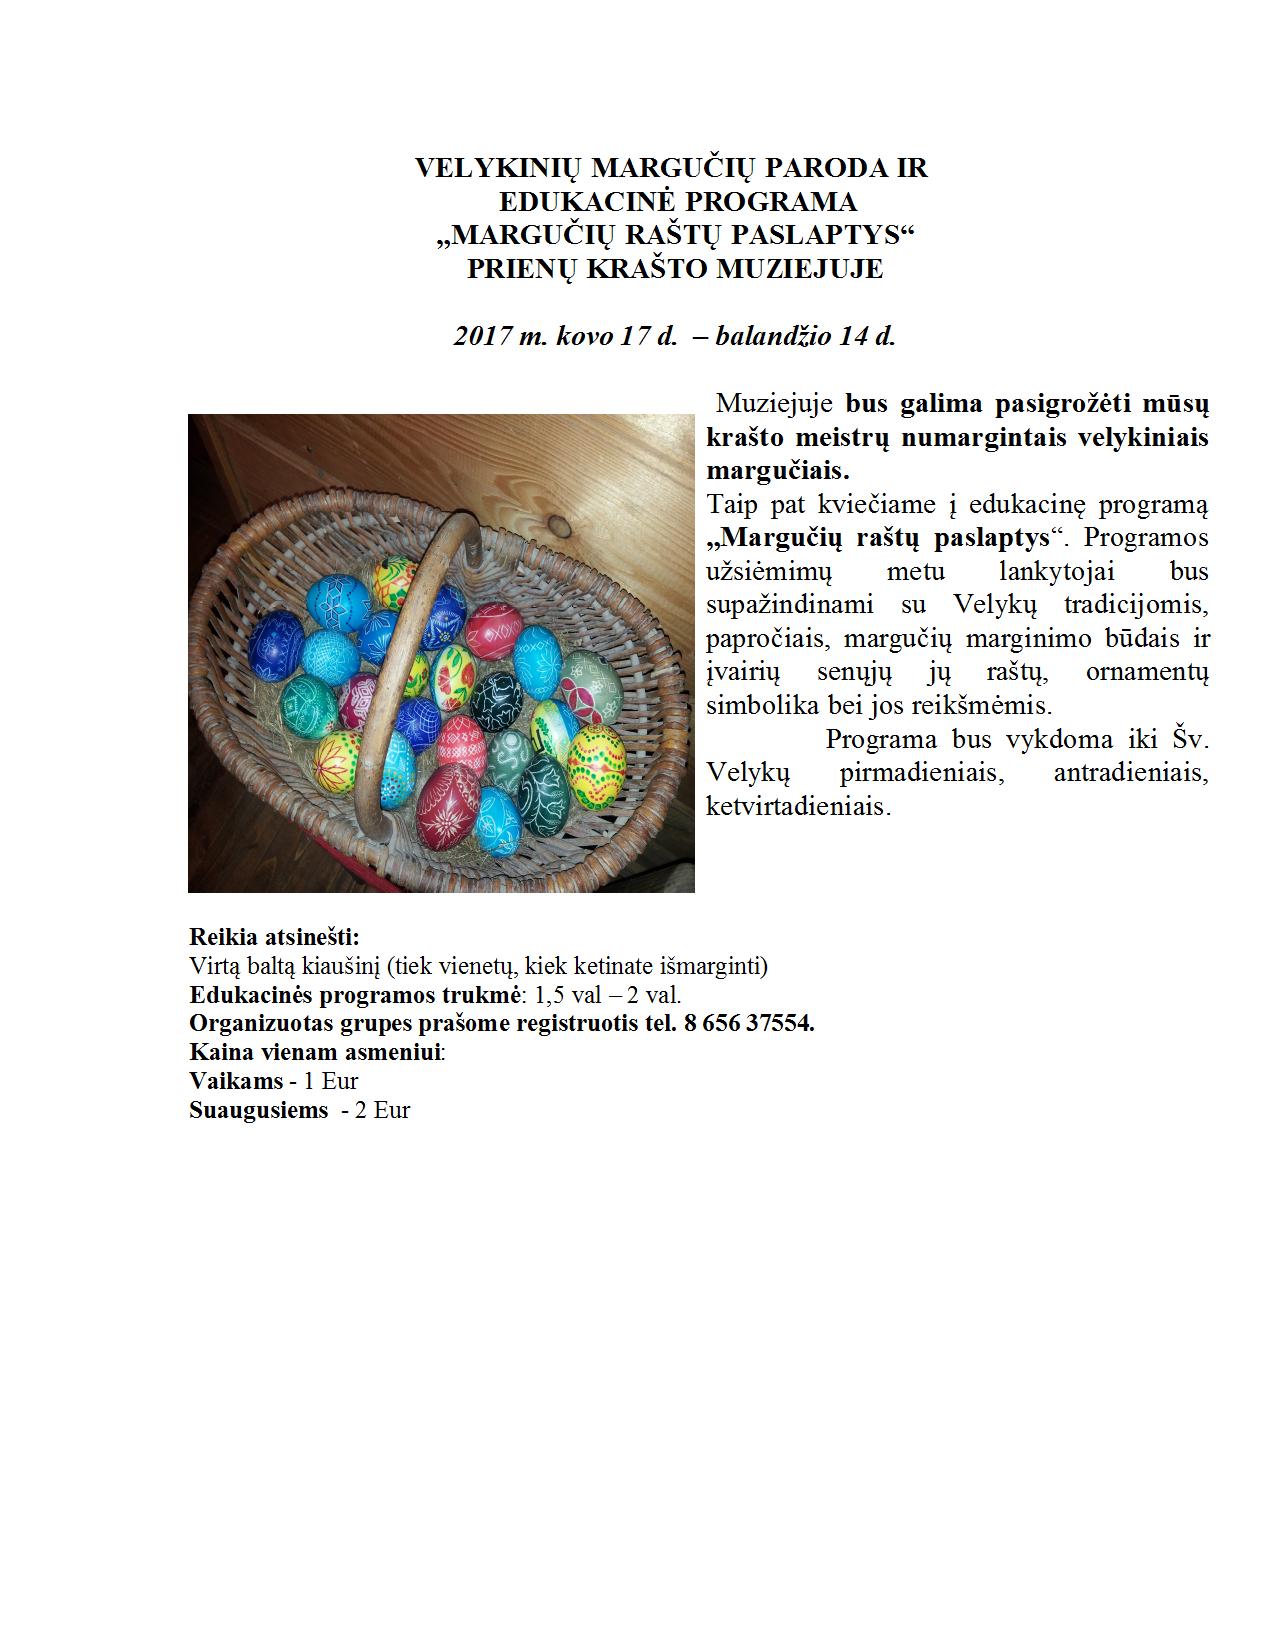 VELYKU_edukacine_programa_2017